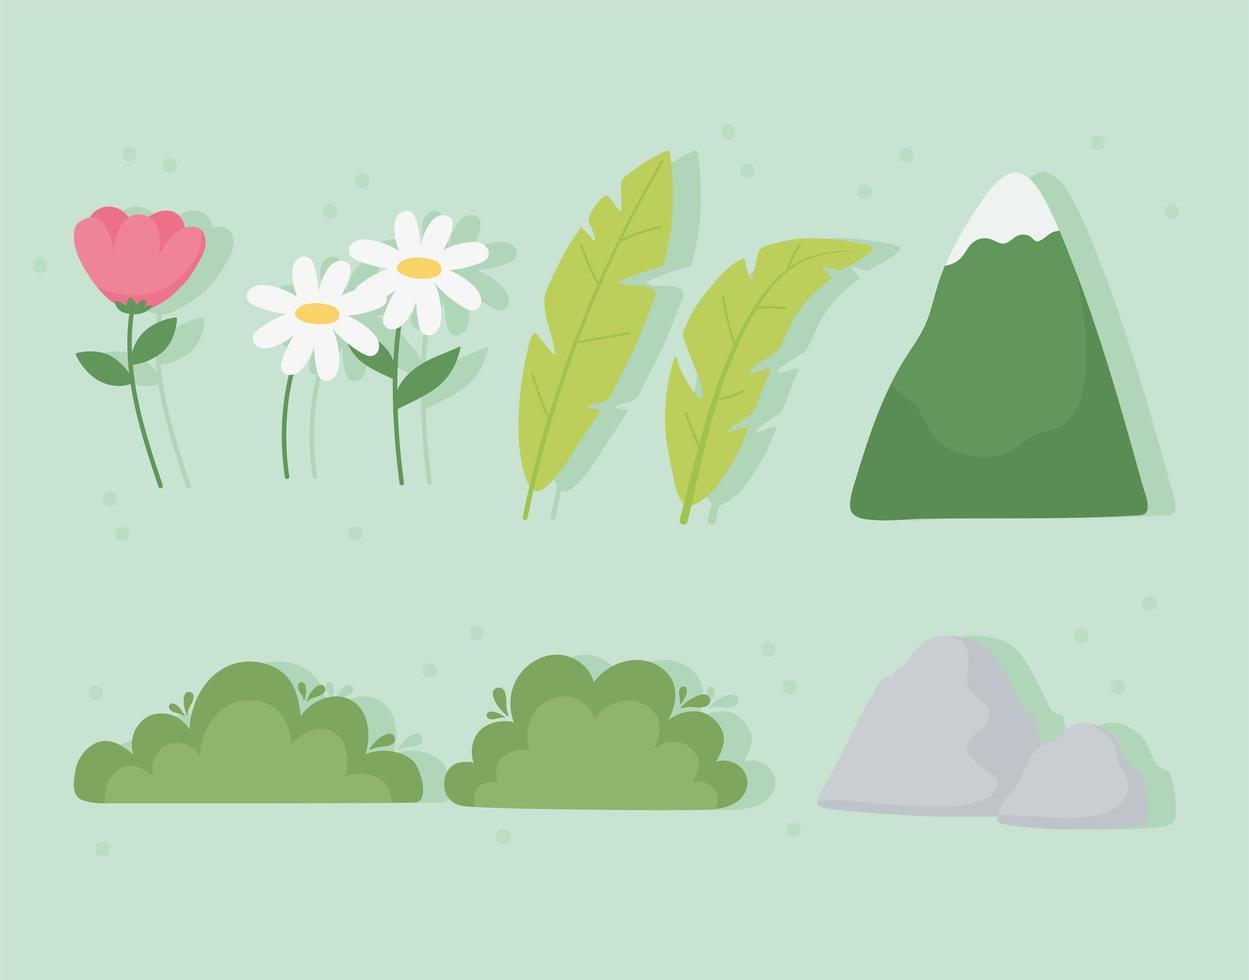 montanha, folhas, flores, arbusto, ícones de pedra vetor